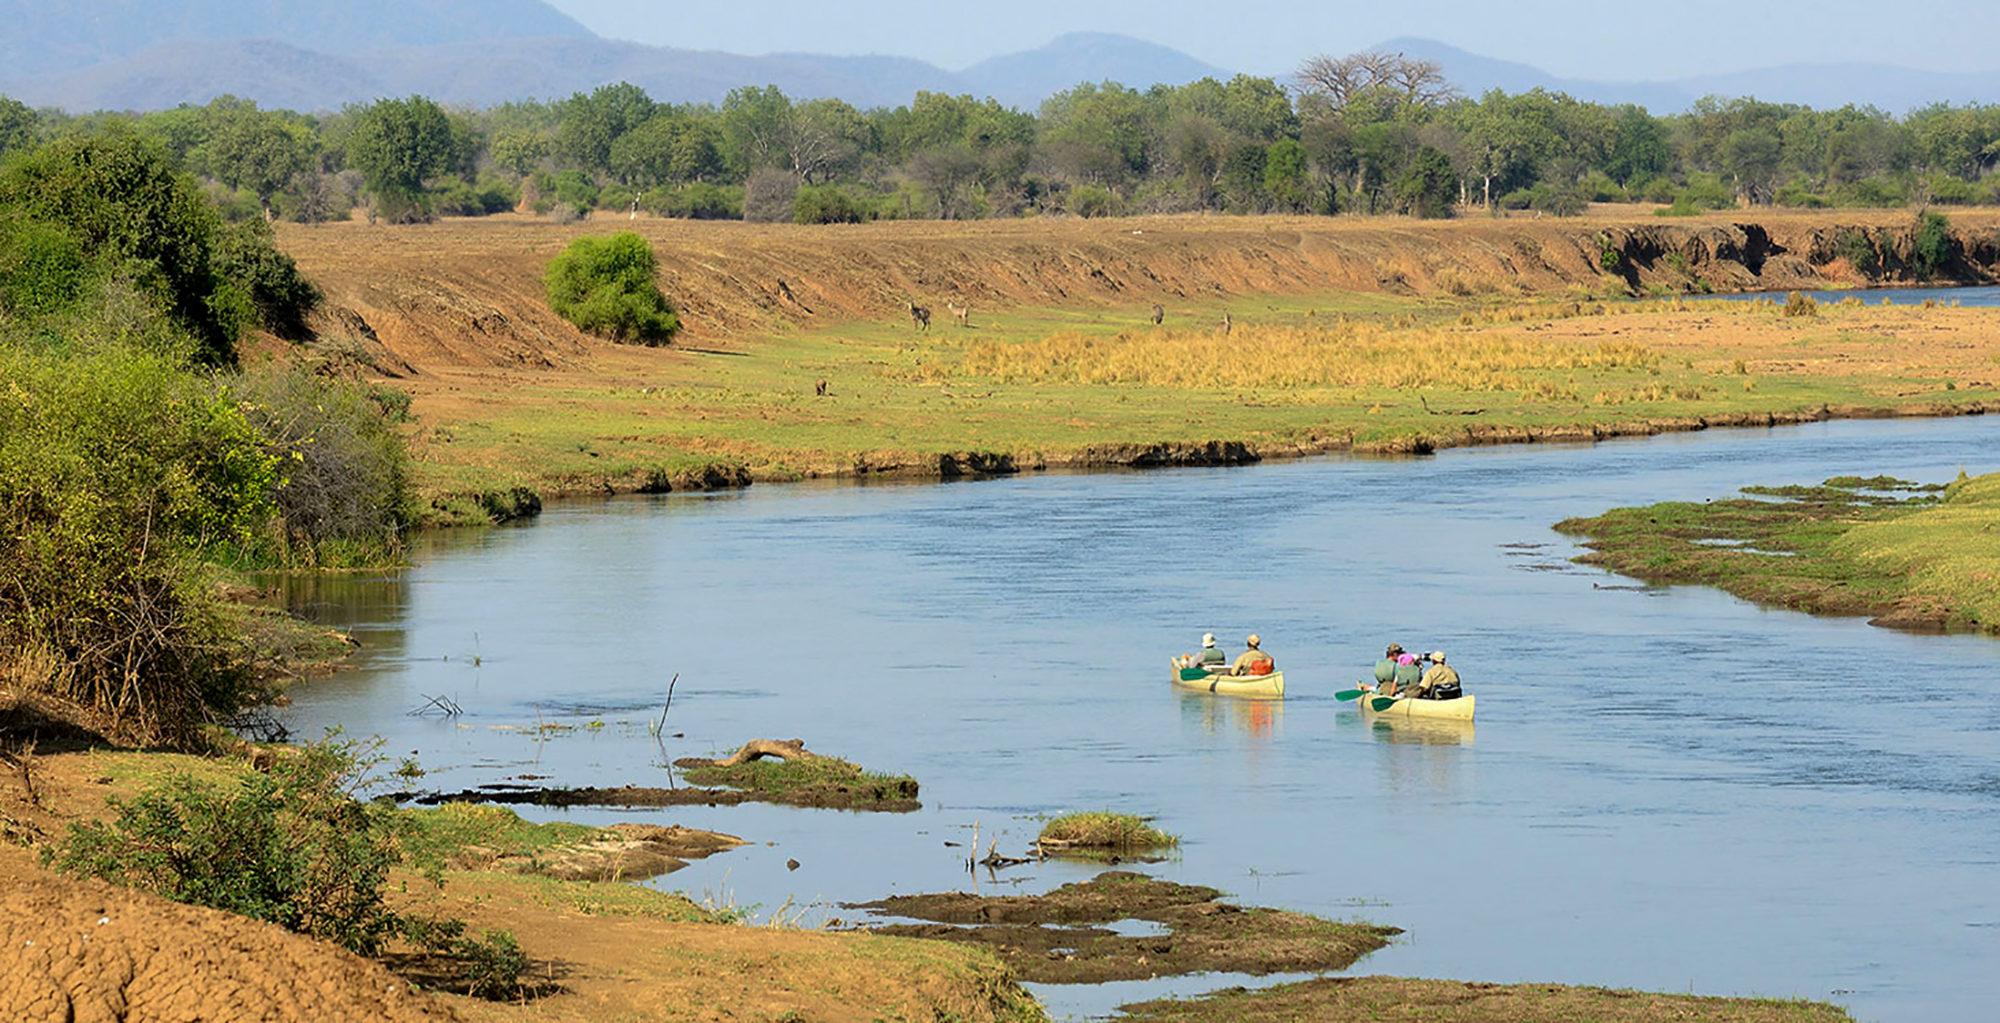 Zambia-Old-Mondoro-Canoe-Views